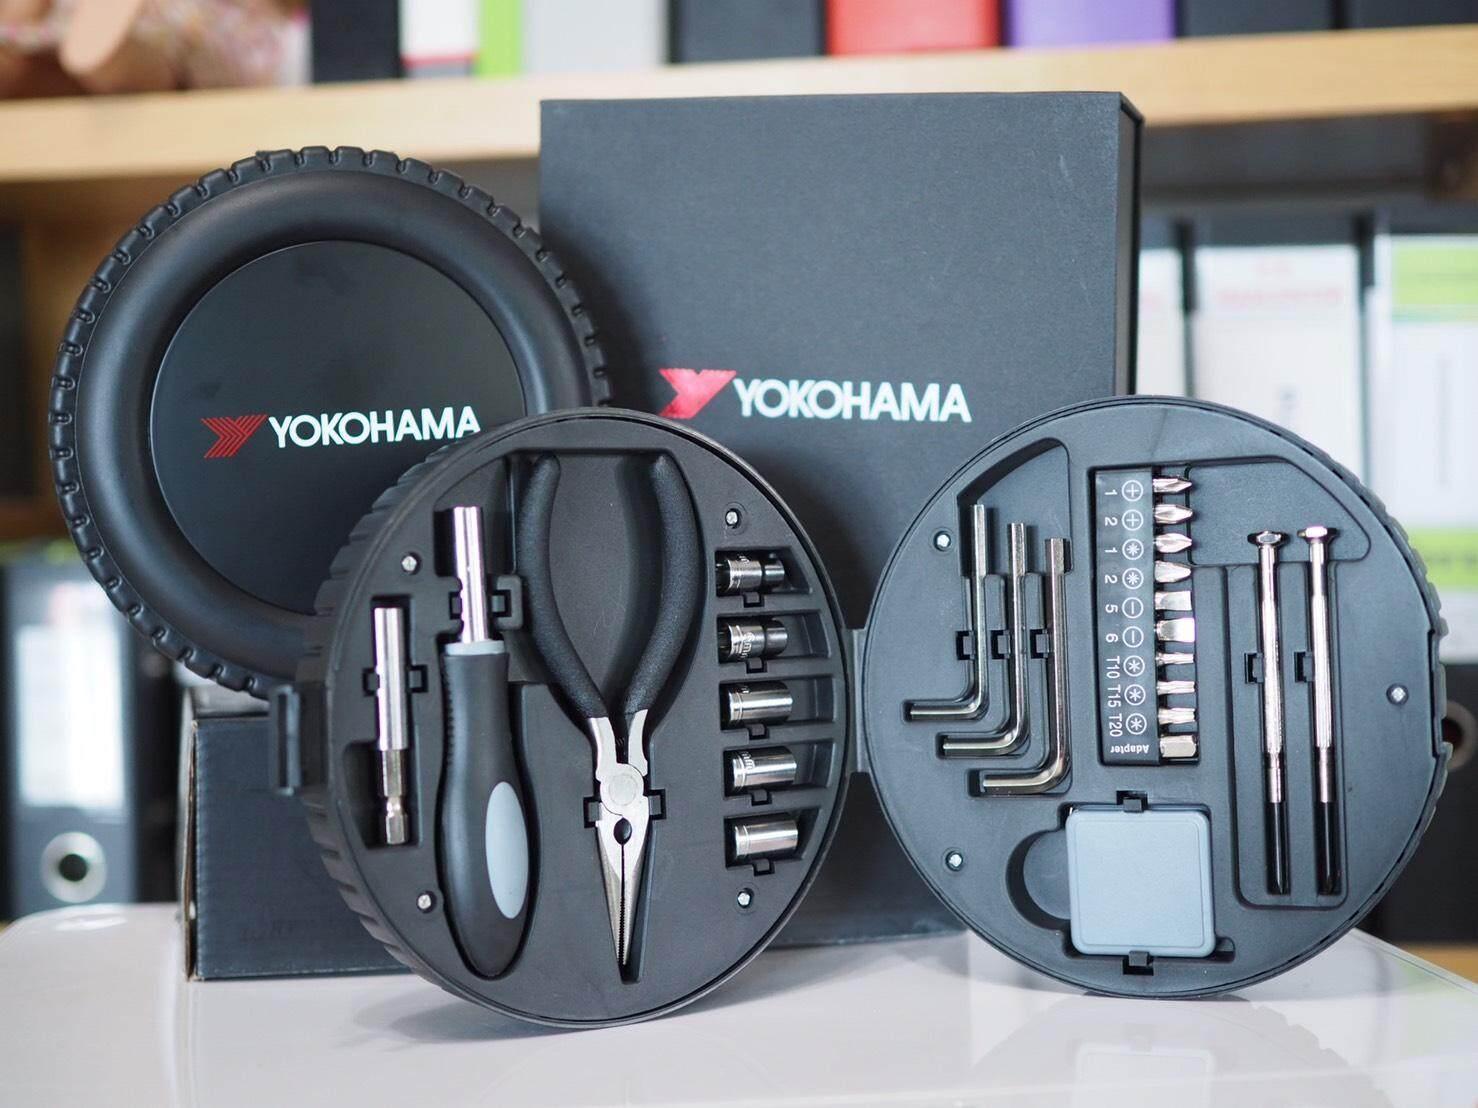 ประกันภัย รถยนต์ ชั้น 3 ราคา ถูก หนองคาย กล่องเครื่องมือ YOKOHAMA BOX LIMITED EDITION